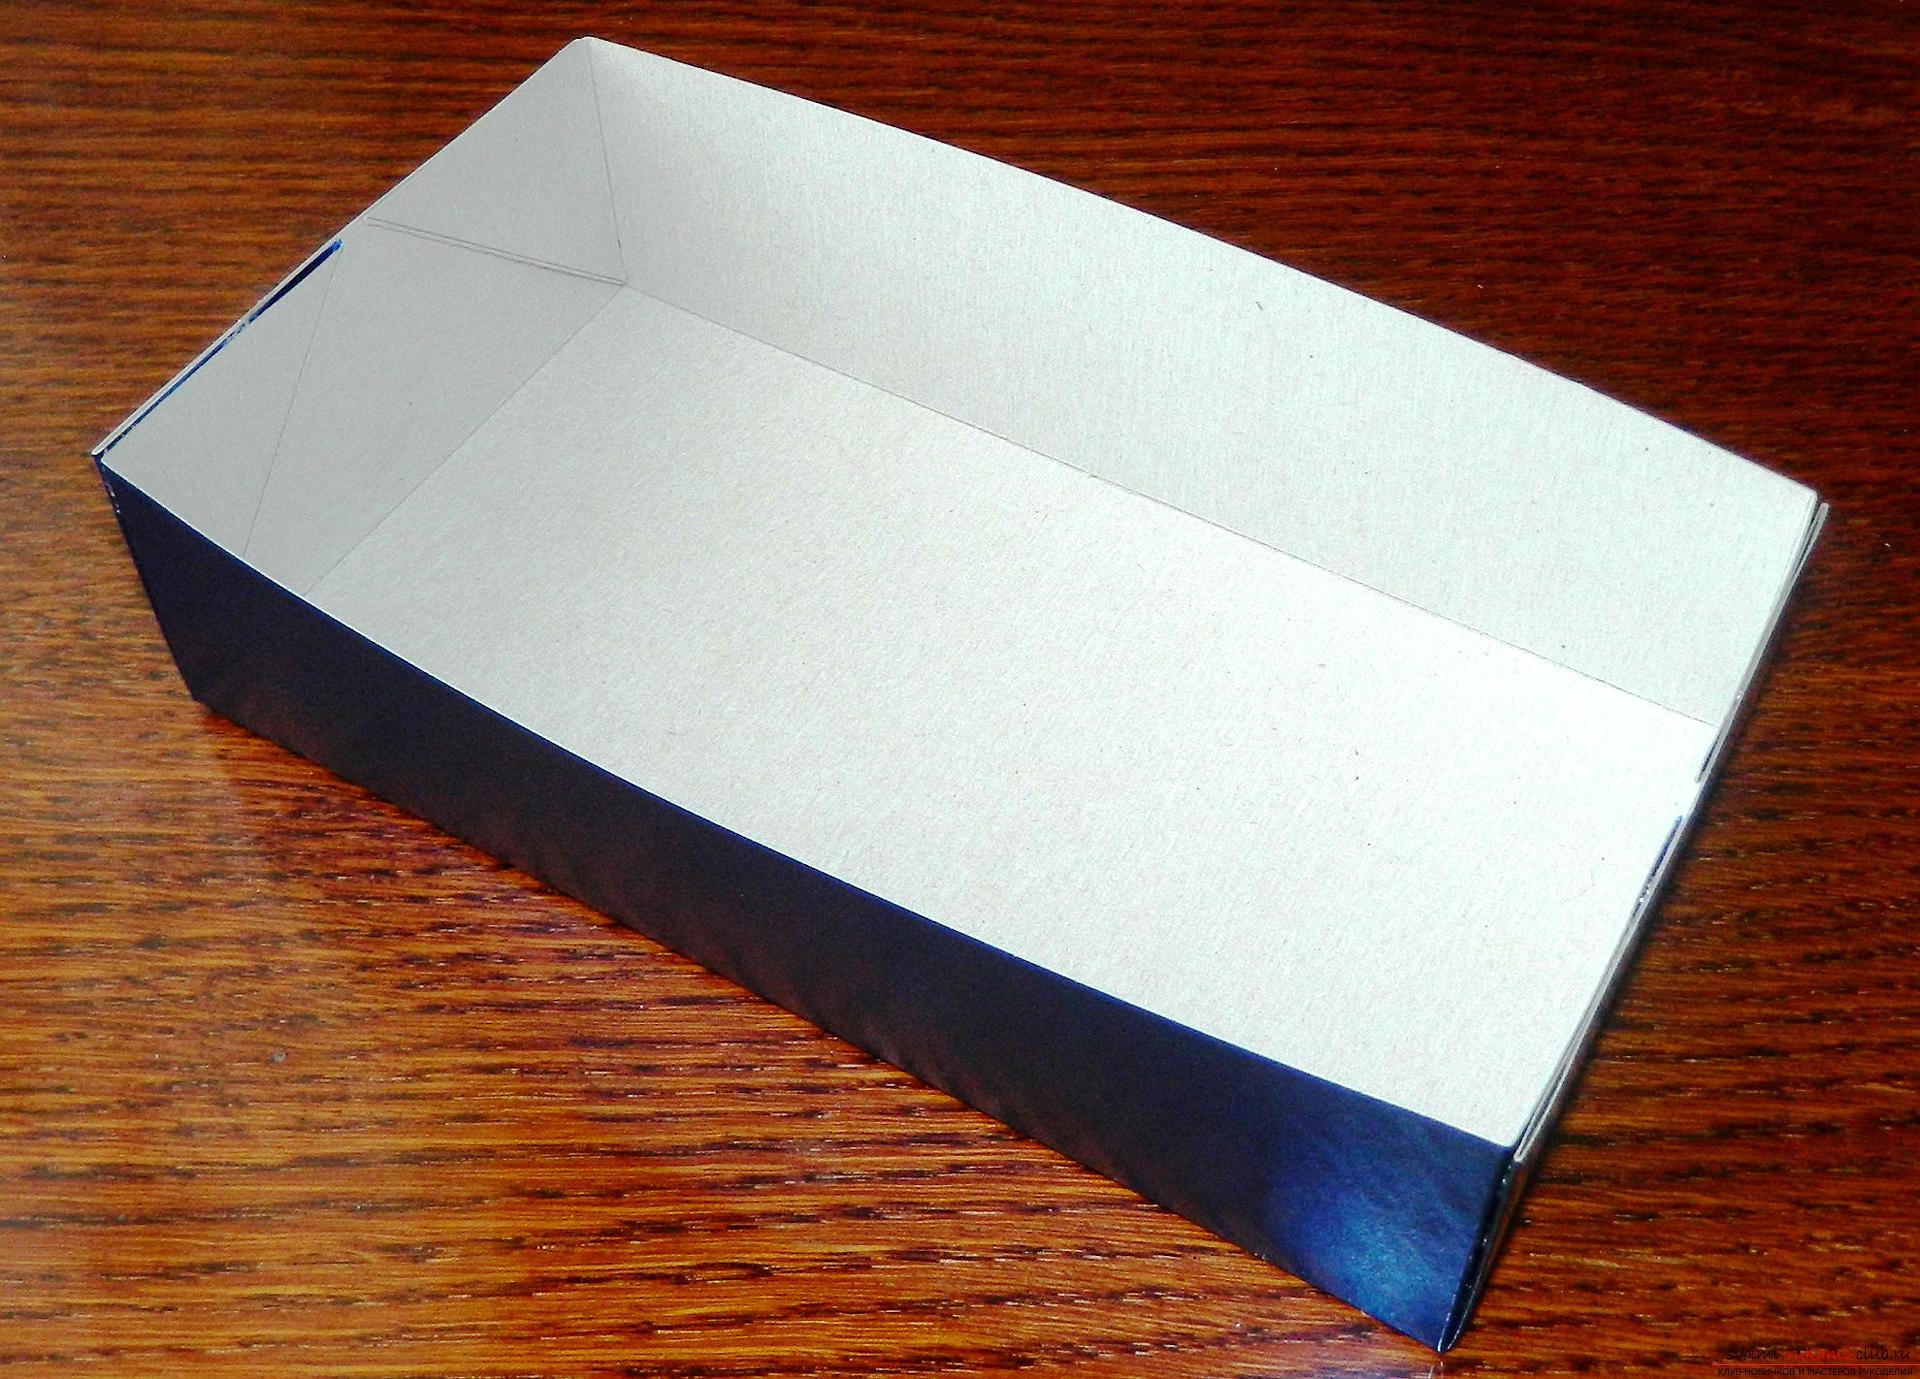 Этот мастер-класс расскажет как сделать подарочную коробку в технике квиллинг своими руками.. Фото №7